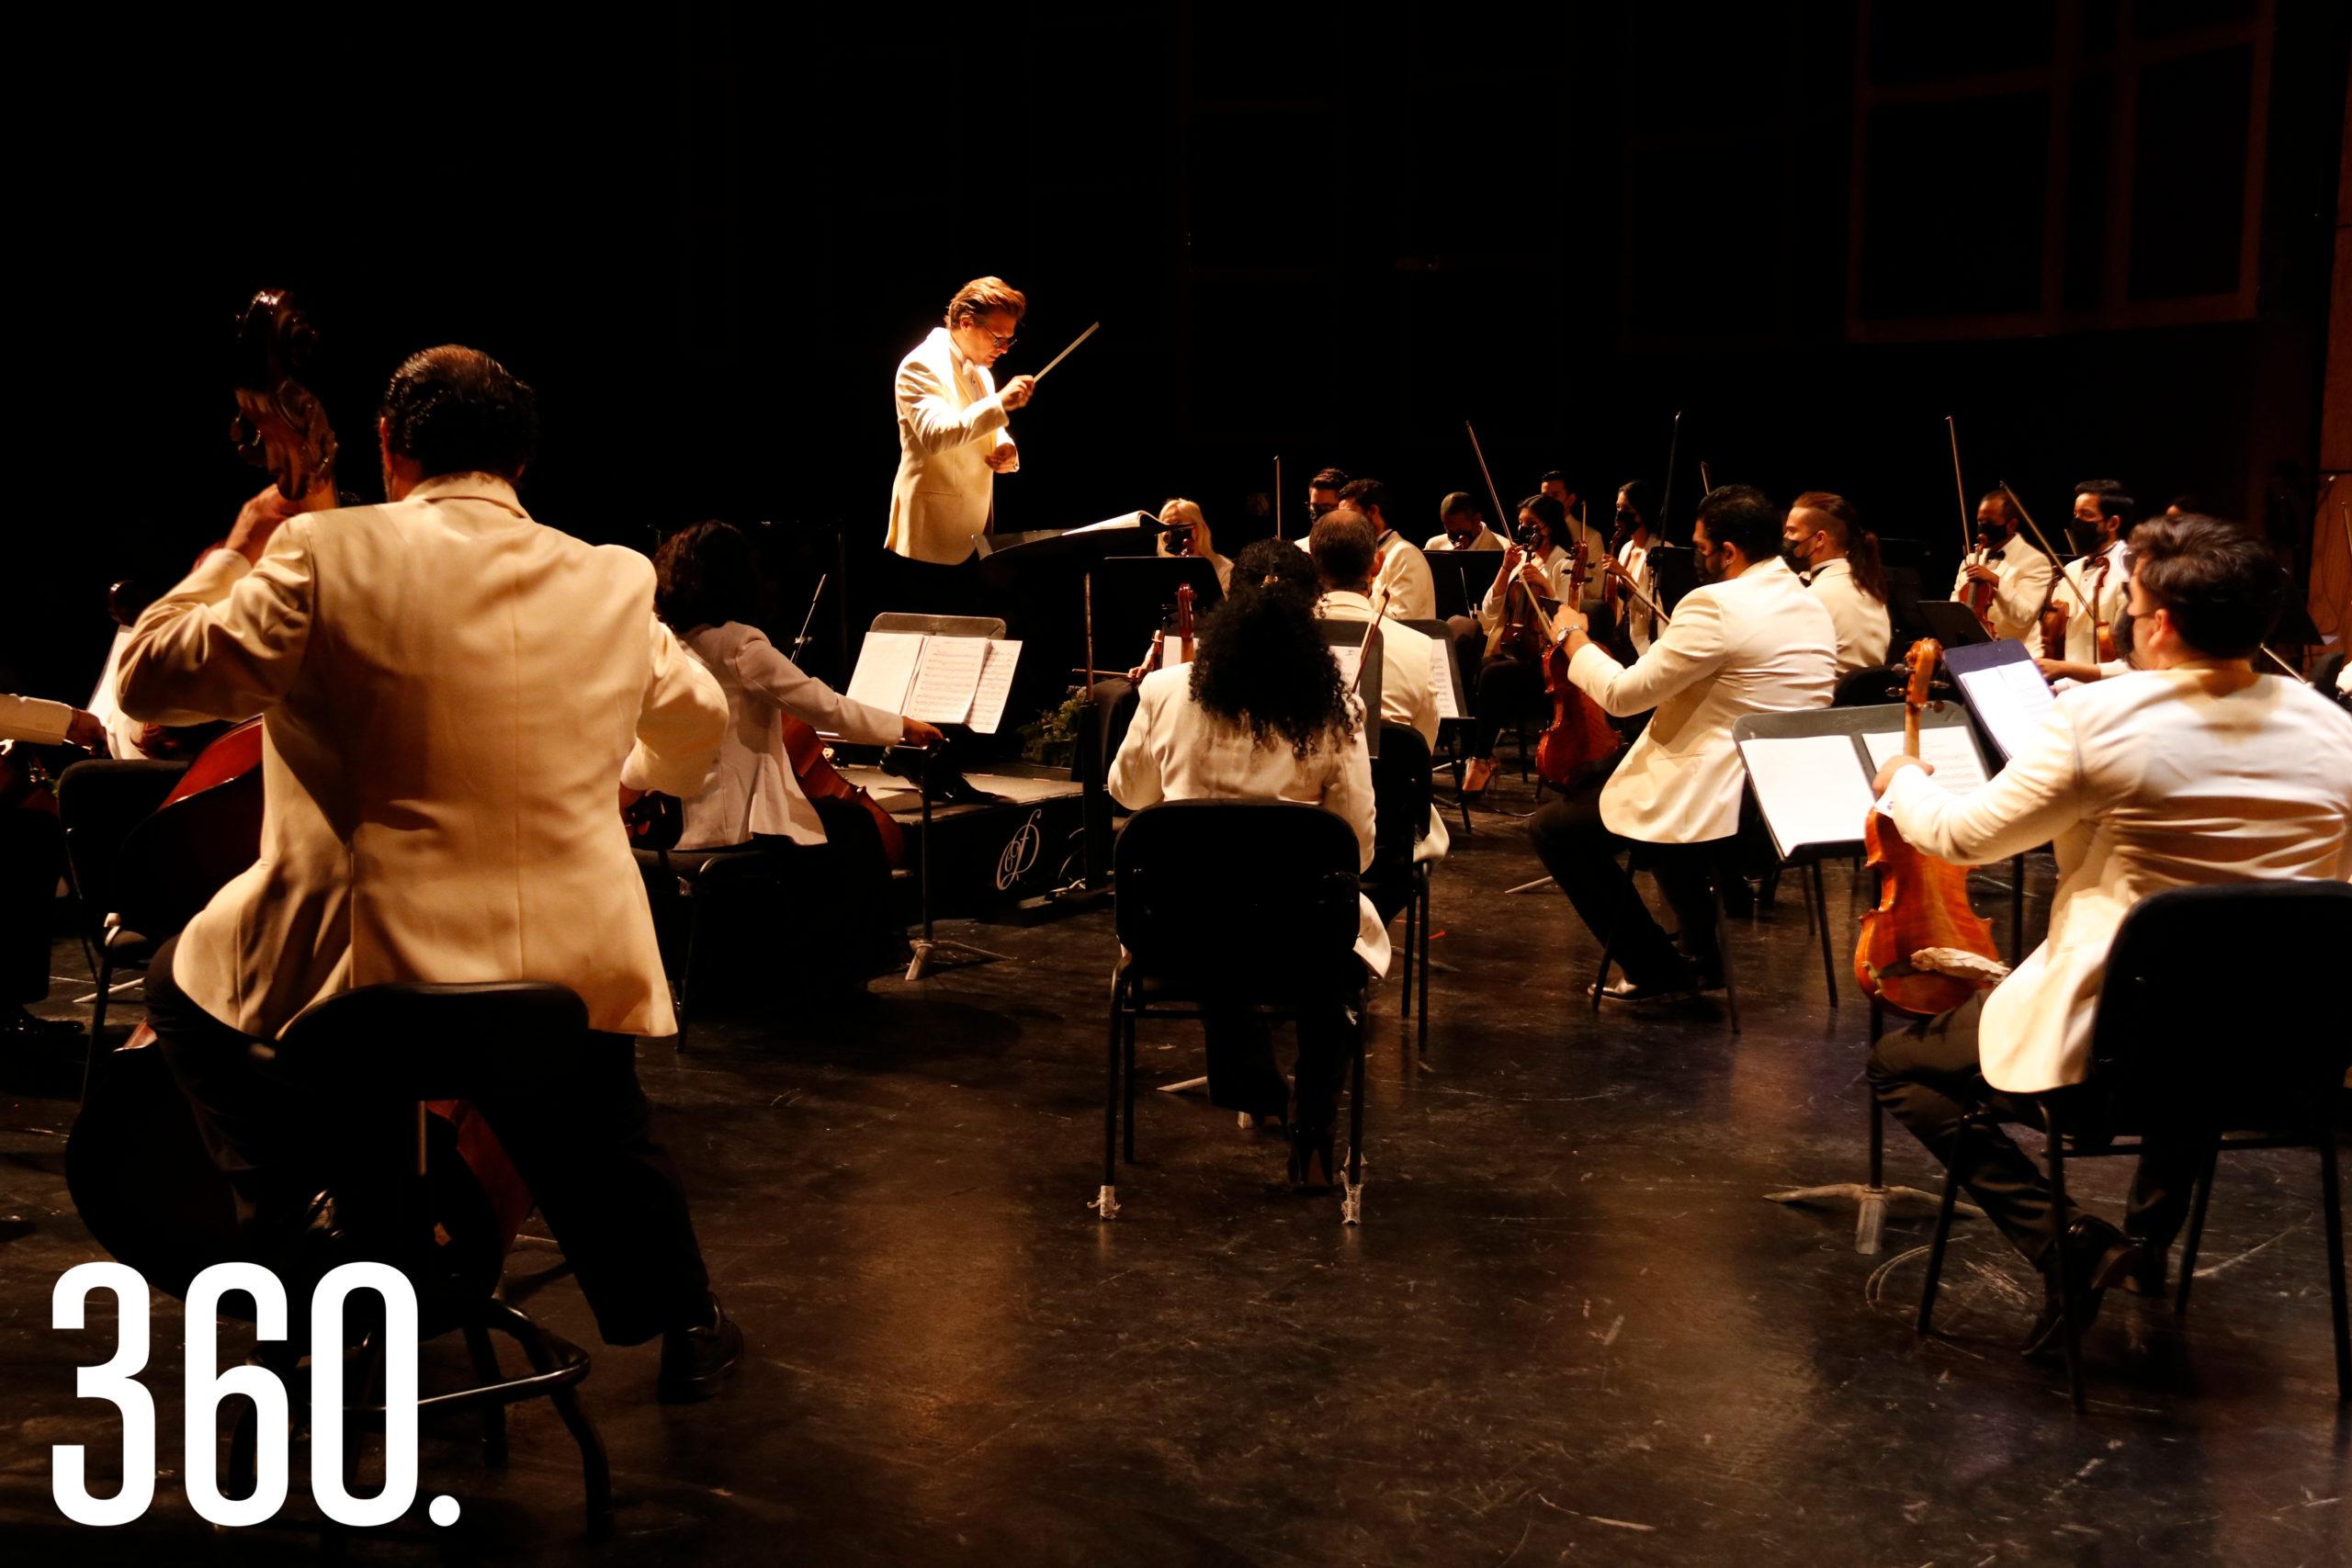 La Orquesta Filarmónica del Desierto, bajo la dirección artística de Natanael Espinoza, presentó su cuarto concierto de la Temporada 2021 Allegro.